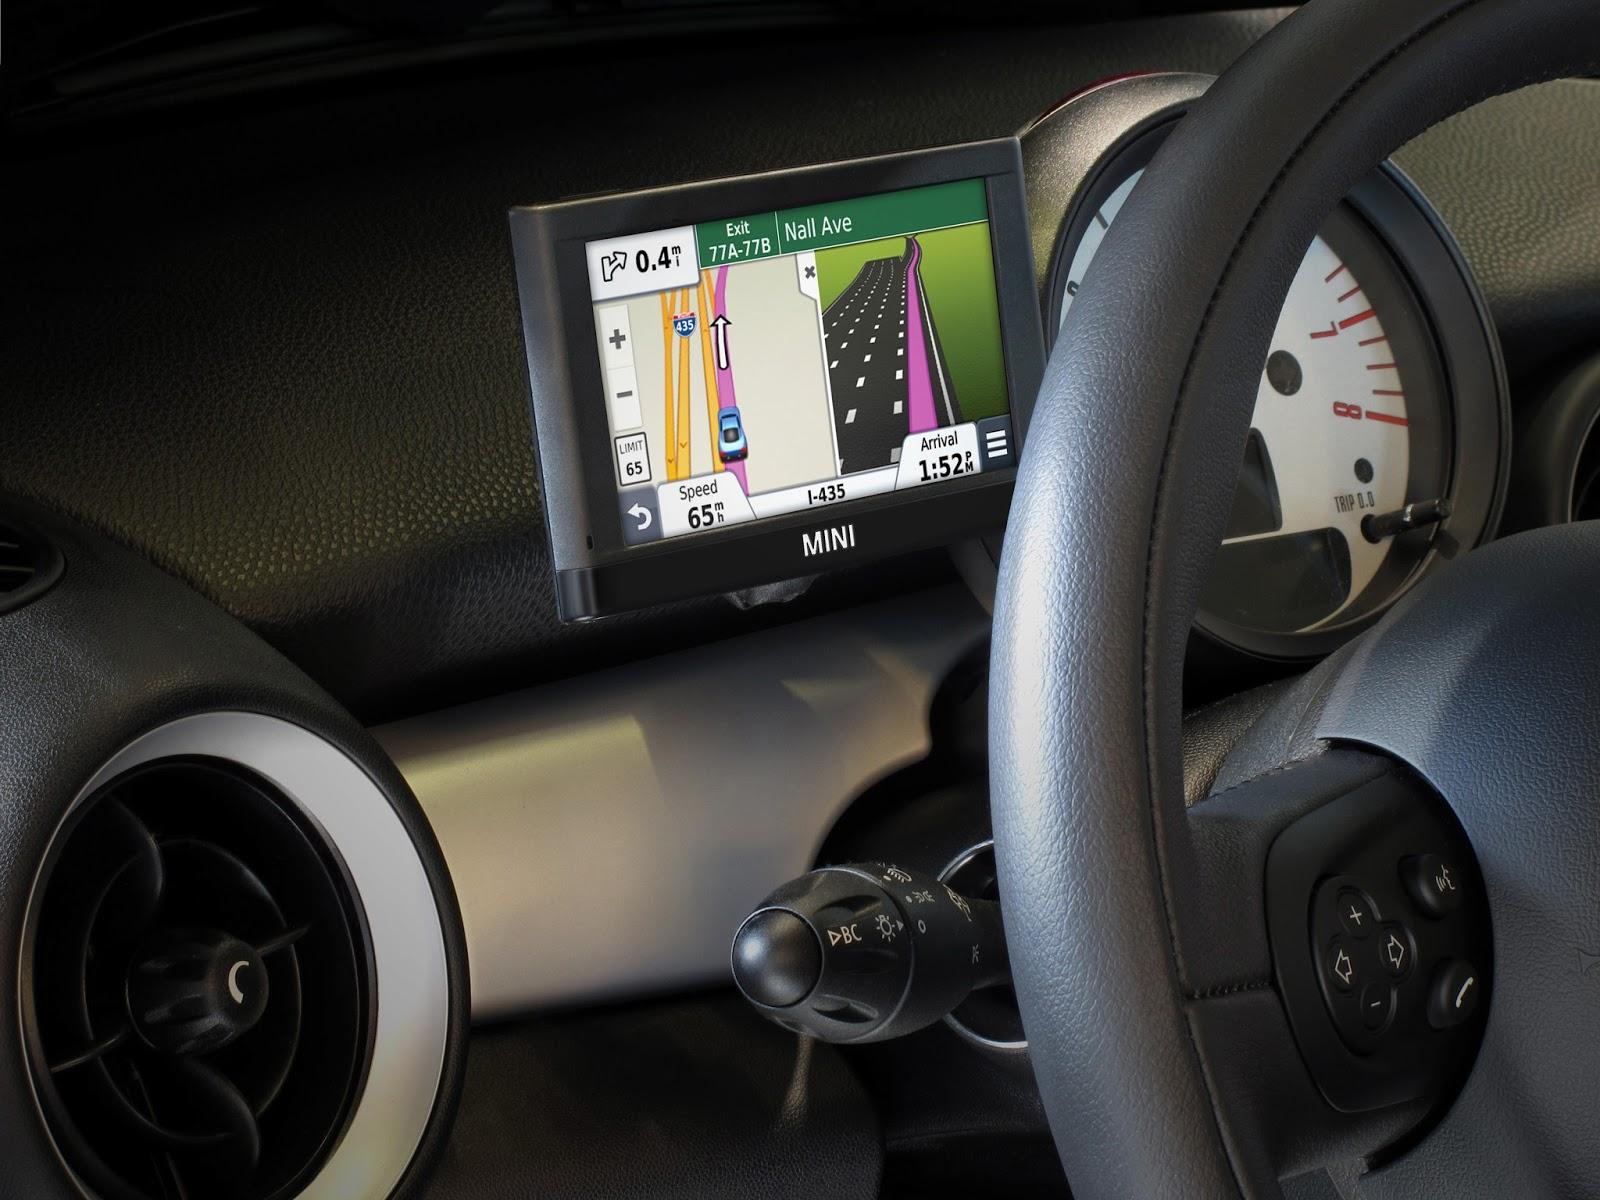 Voiture communicante un gps portable xl de garmin pour mini - Porta navigatore auto ...